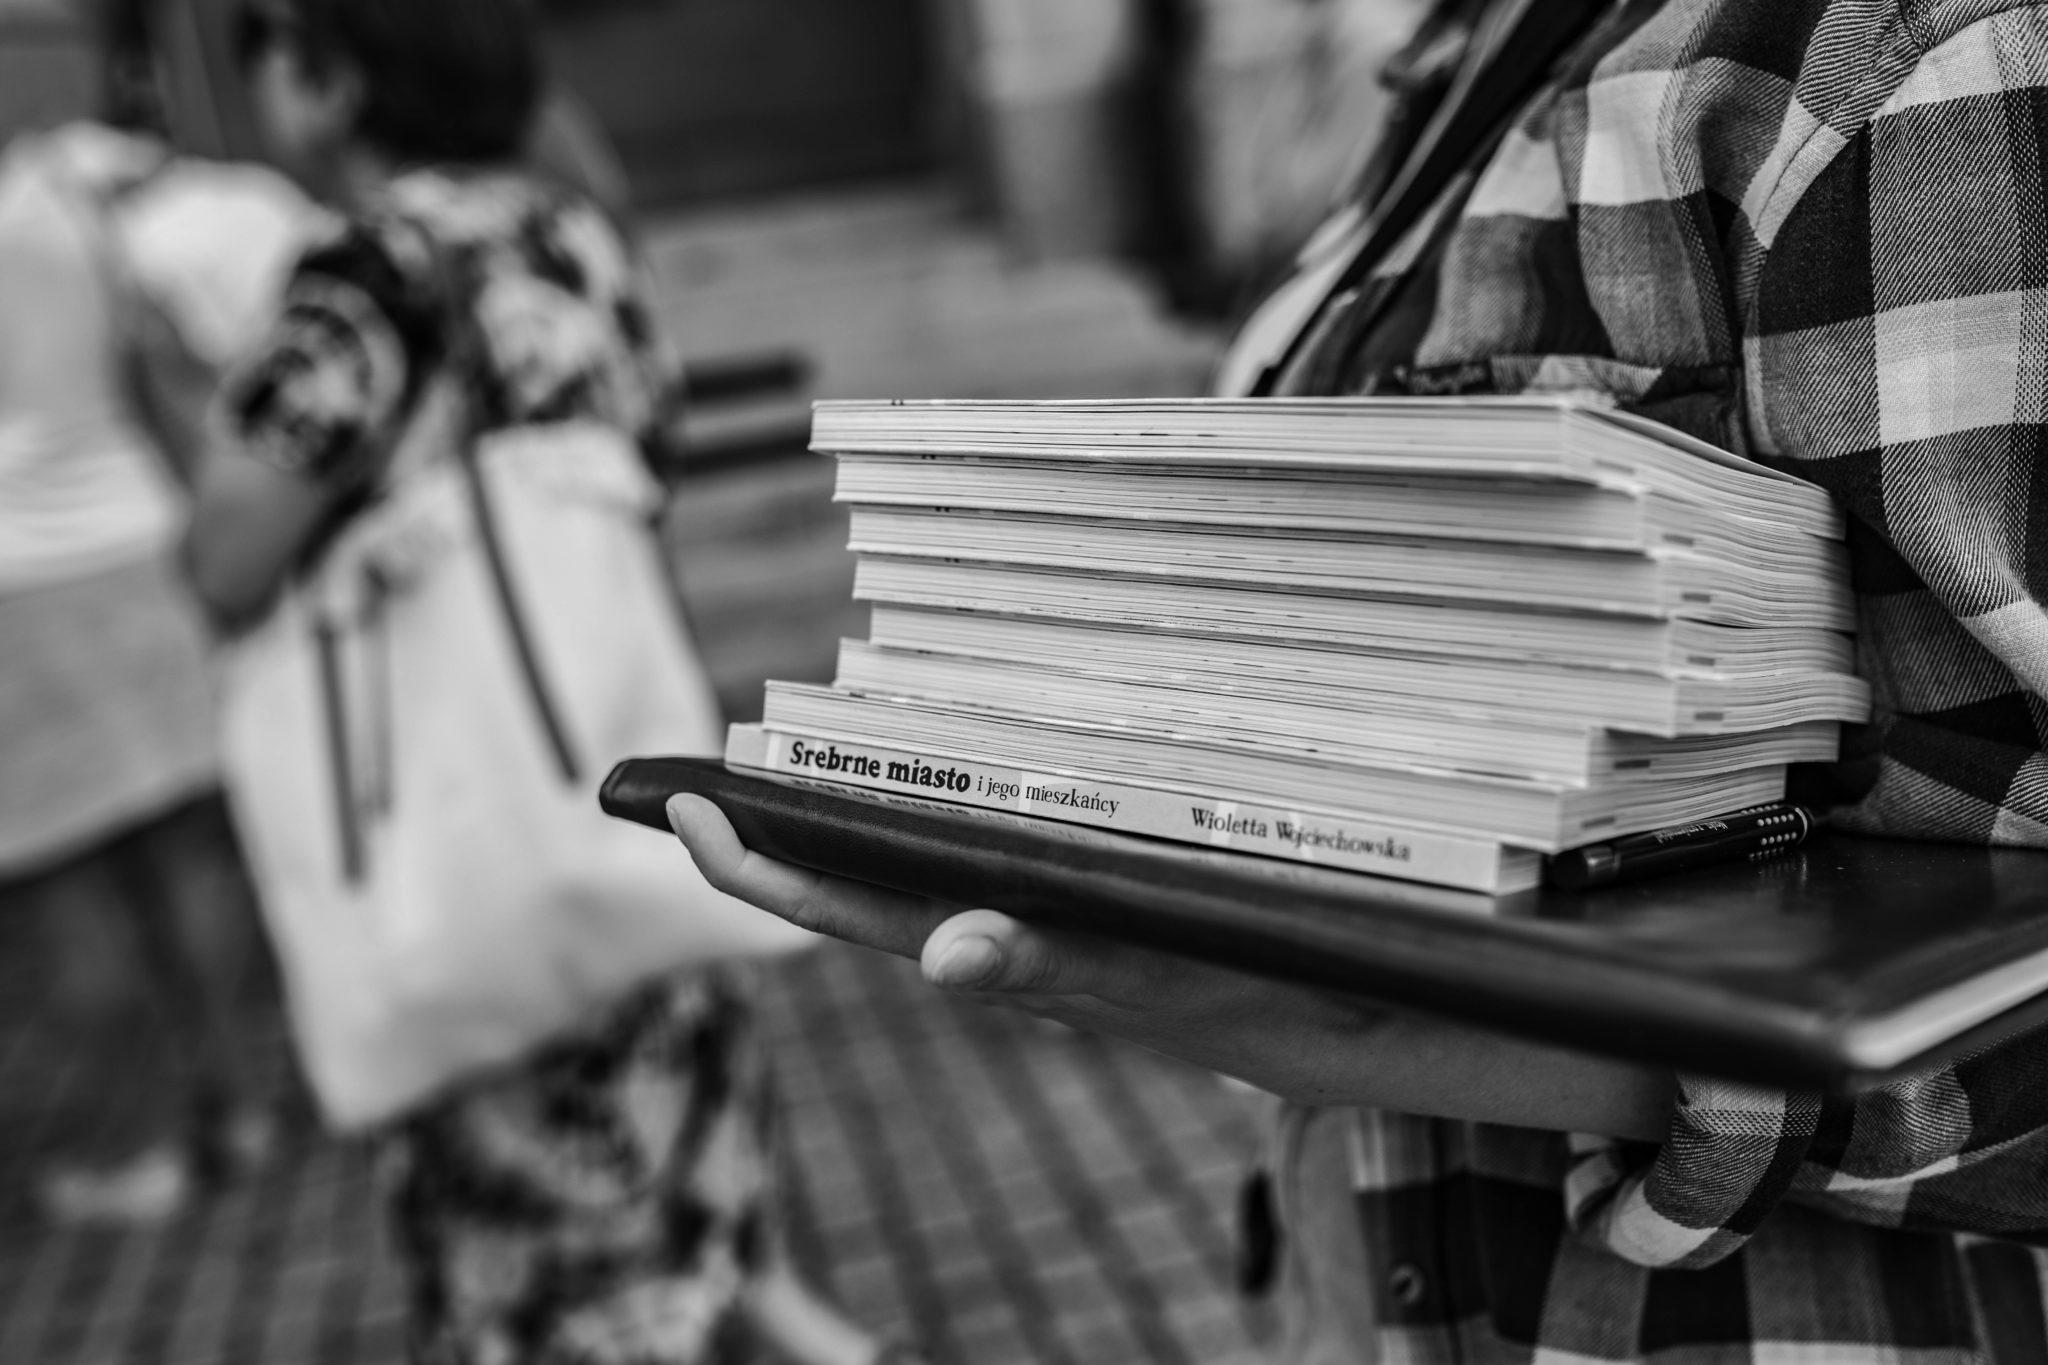 na zdjęciu stos książek